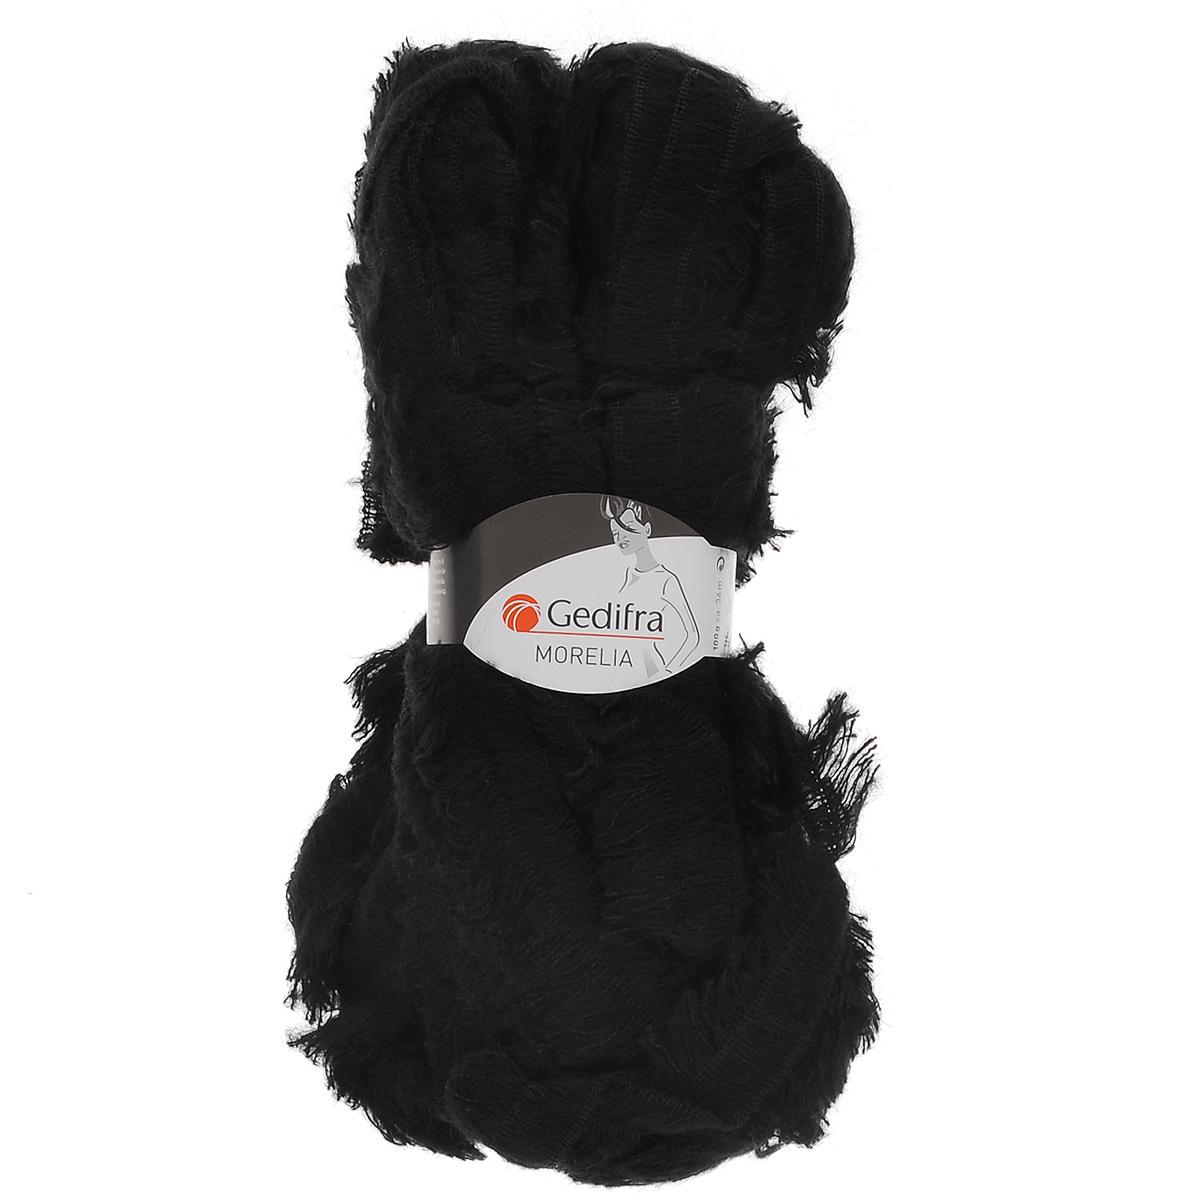 Пряжа для вязания Gedifra Morelia, цвет: черный (01414), 36 м, 100 г. 9811739-01414